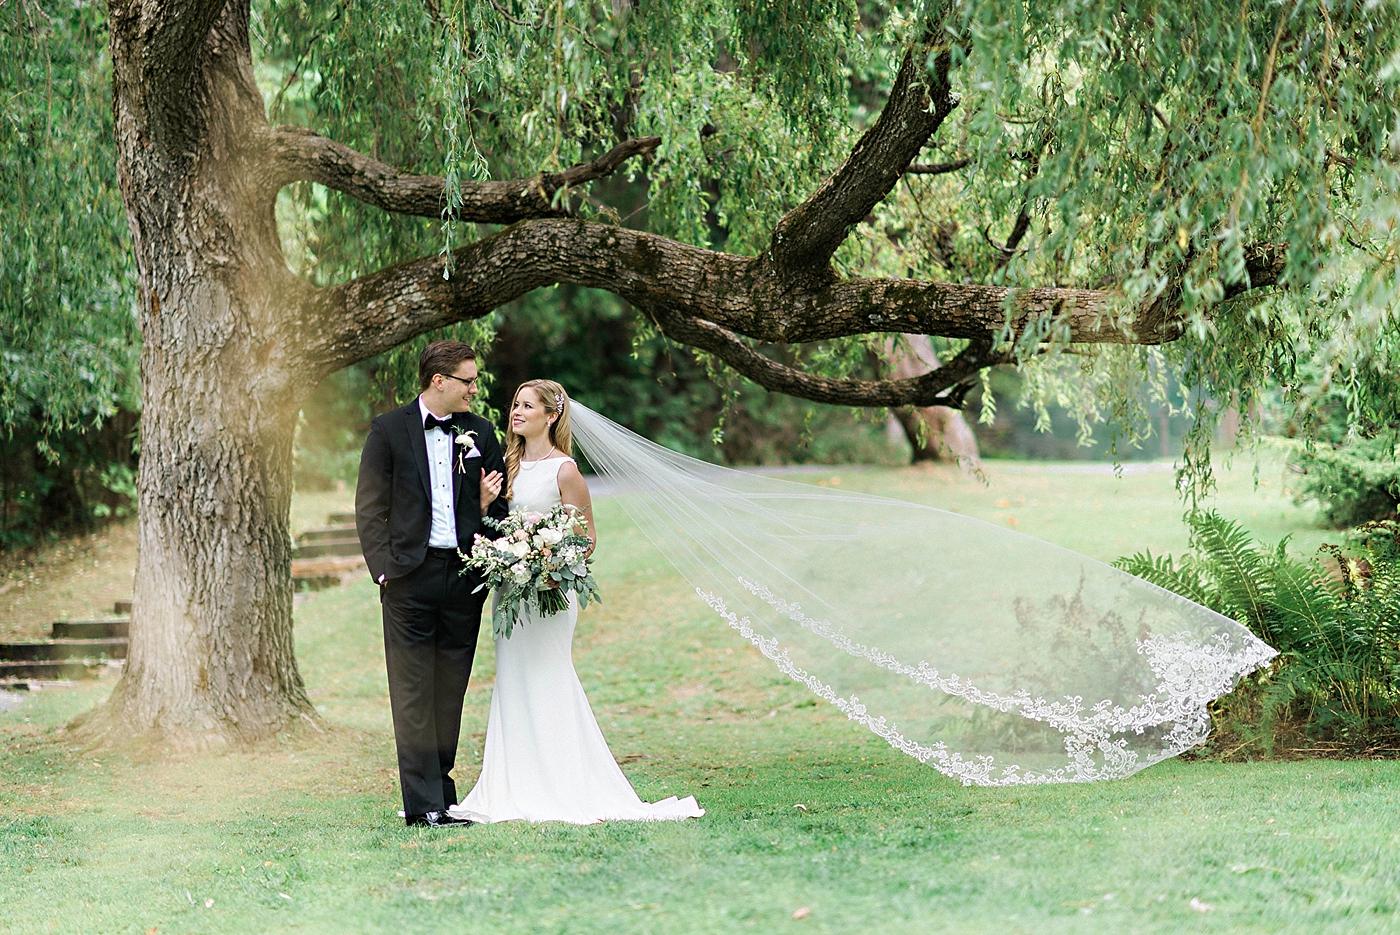 Halifax-Wedding-Photographer-New Brunswick Wedding- Nicolle & Ethan27.jpeg